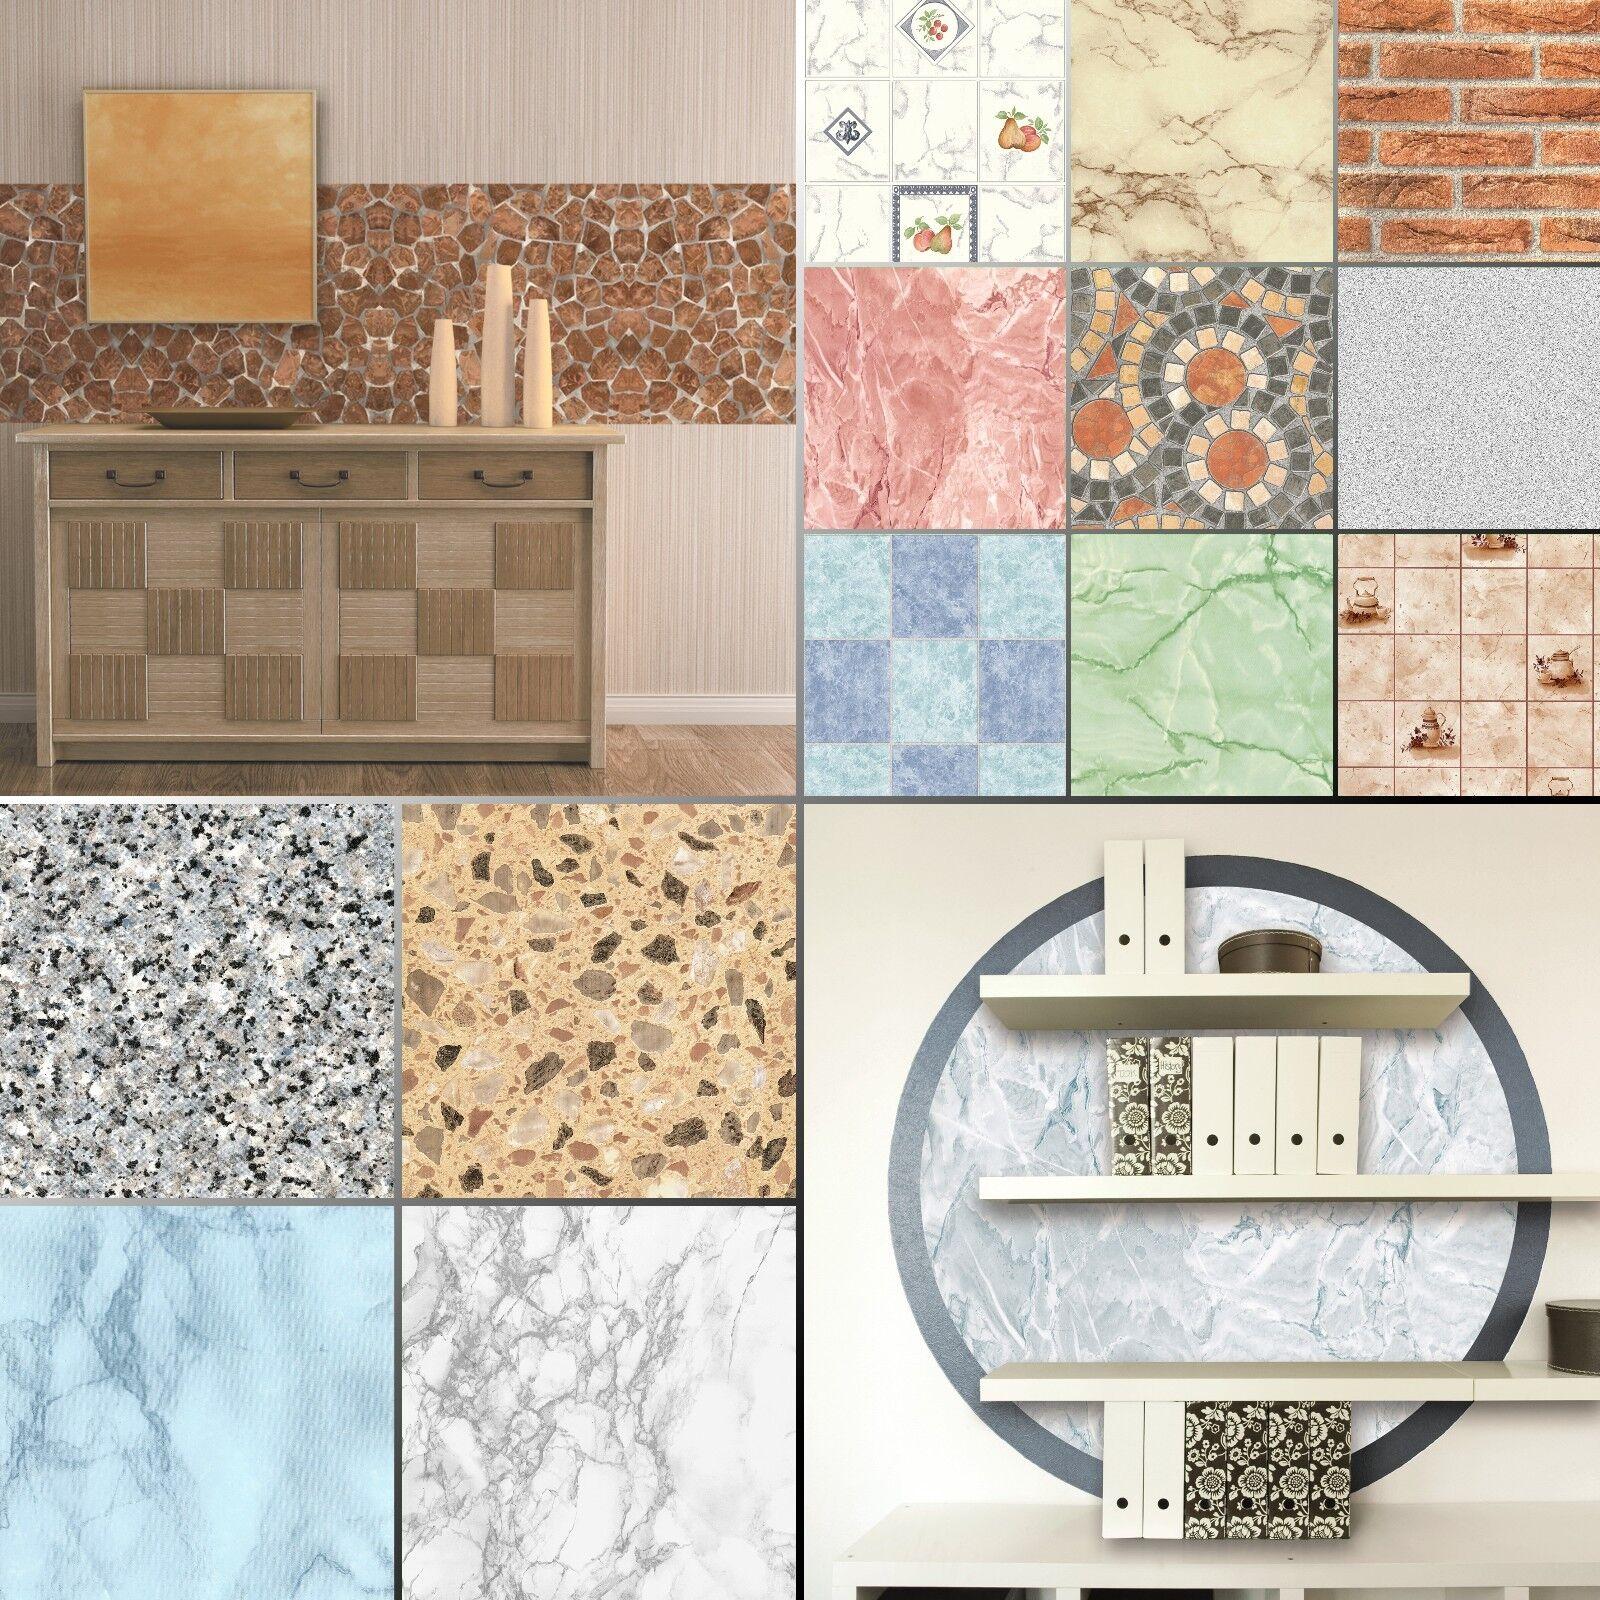 10€/m² Selbstklebefolie Küche Marmor Granit Kacheln Mauer Fliesen Klebefolie Tür